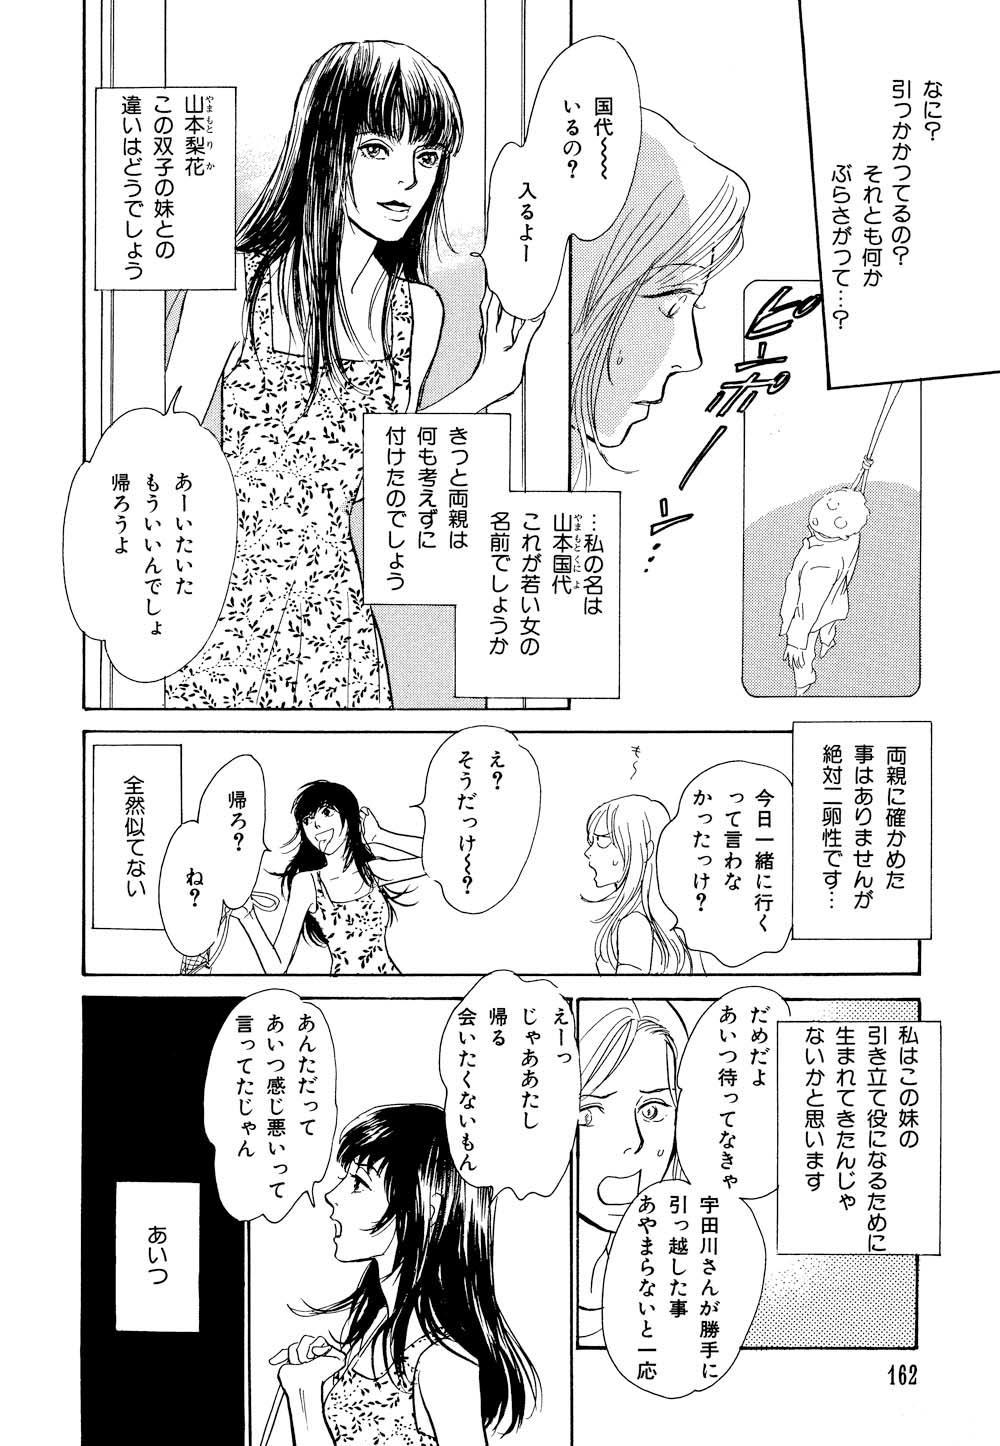 百鬼夜行抄_12_0166.jpg